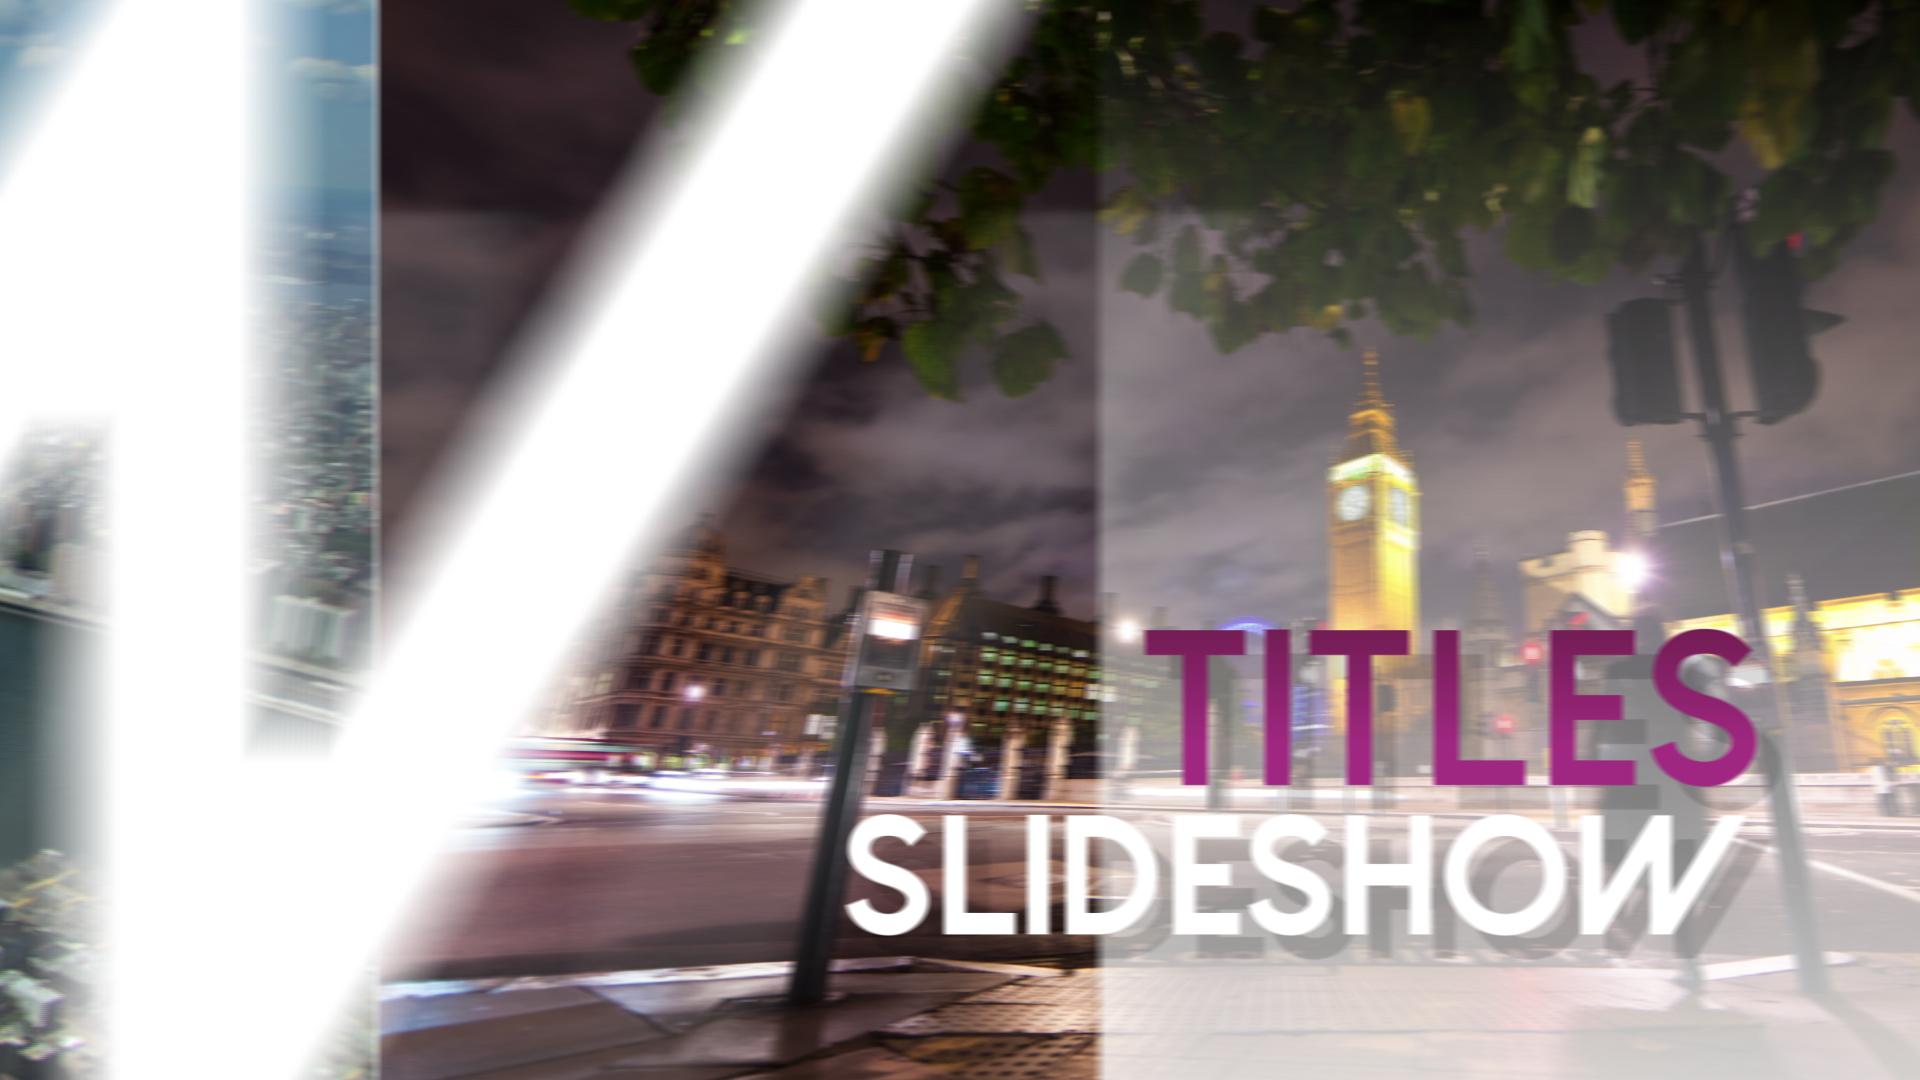 Titles Slideshow Final Cut Pro X Template